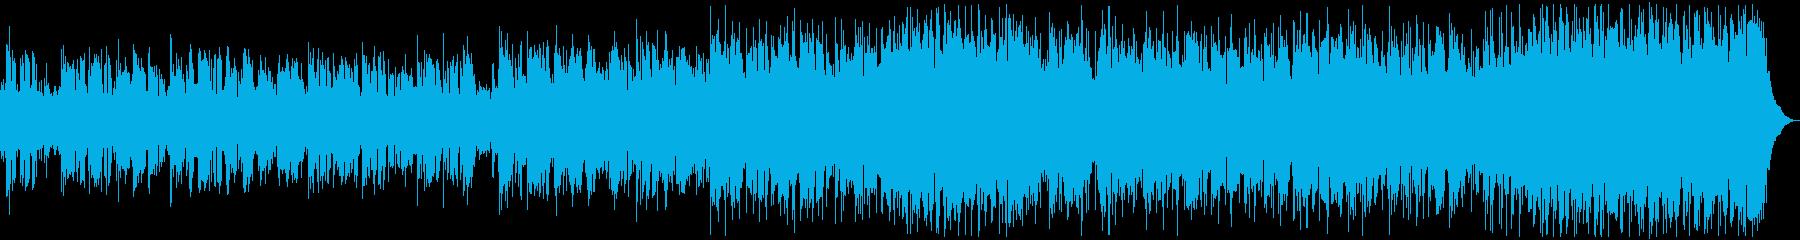 アコギが印象的な癒しの美メロラブソングの再生済みの波形